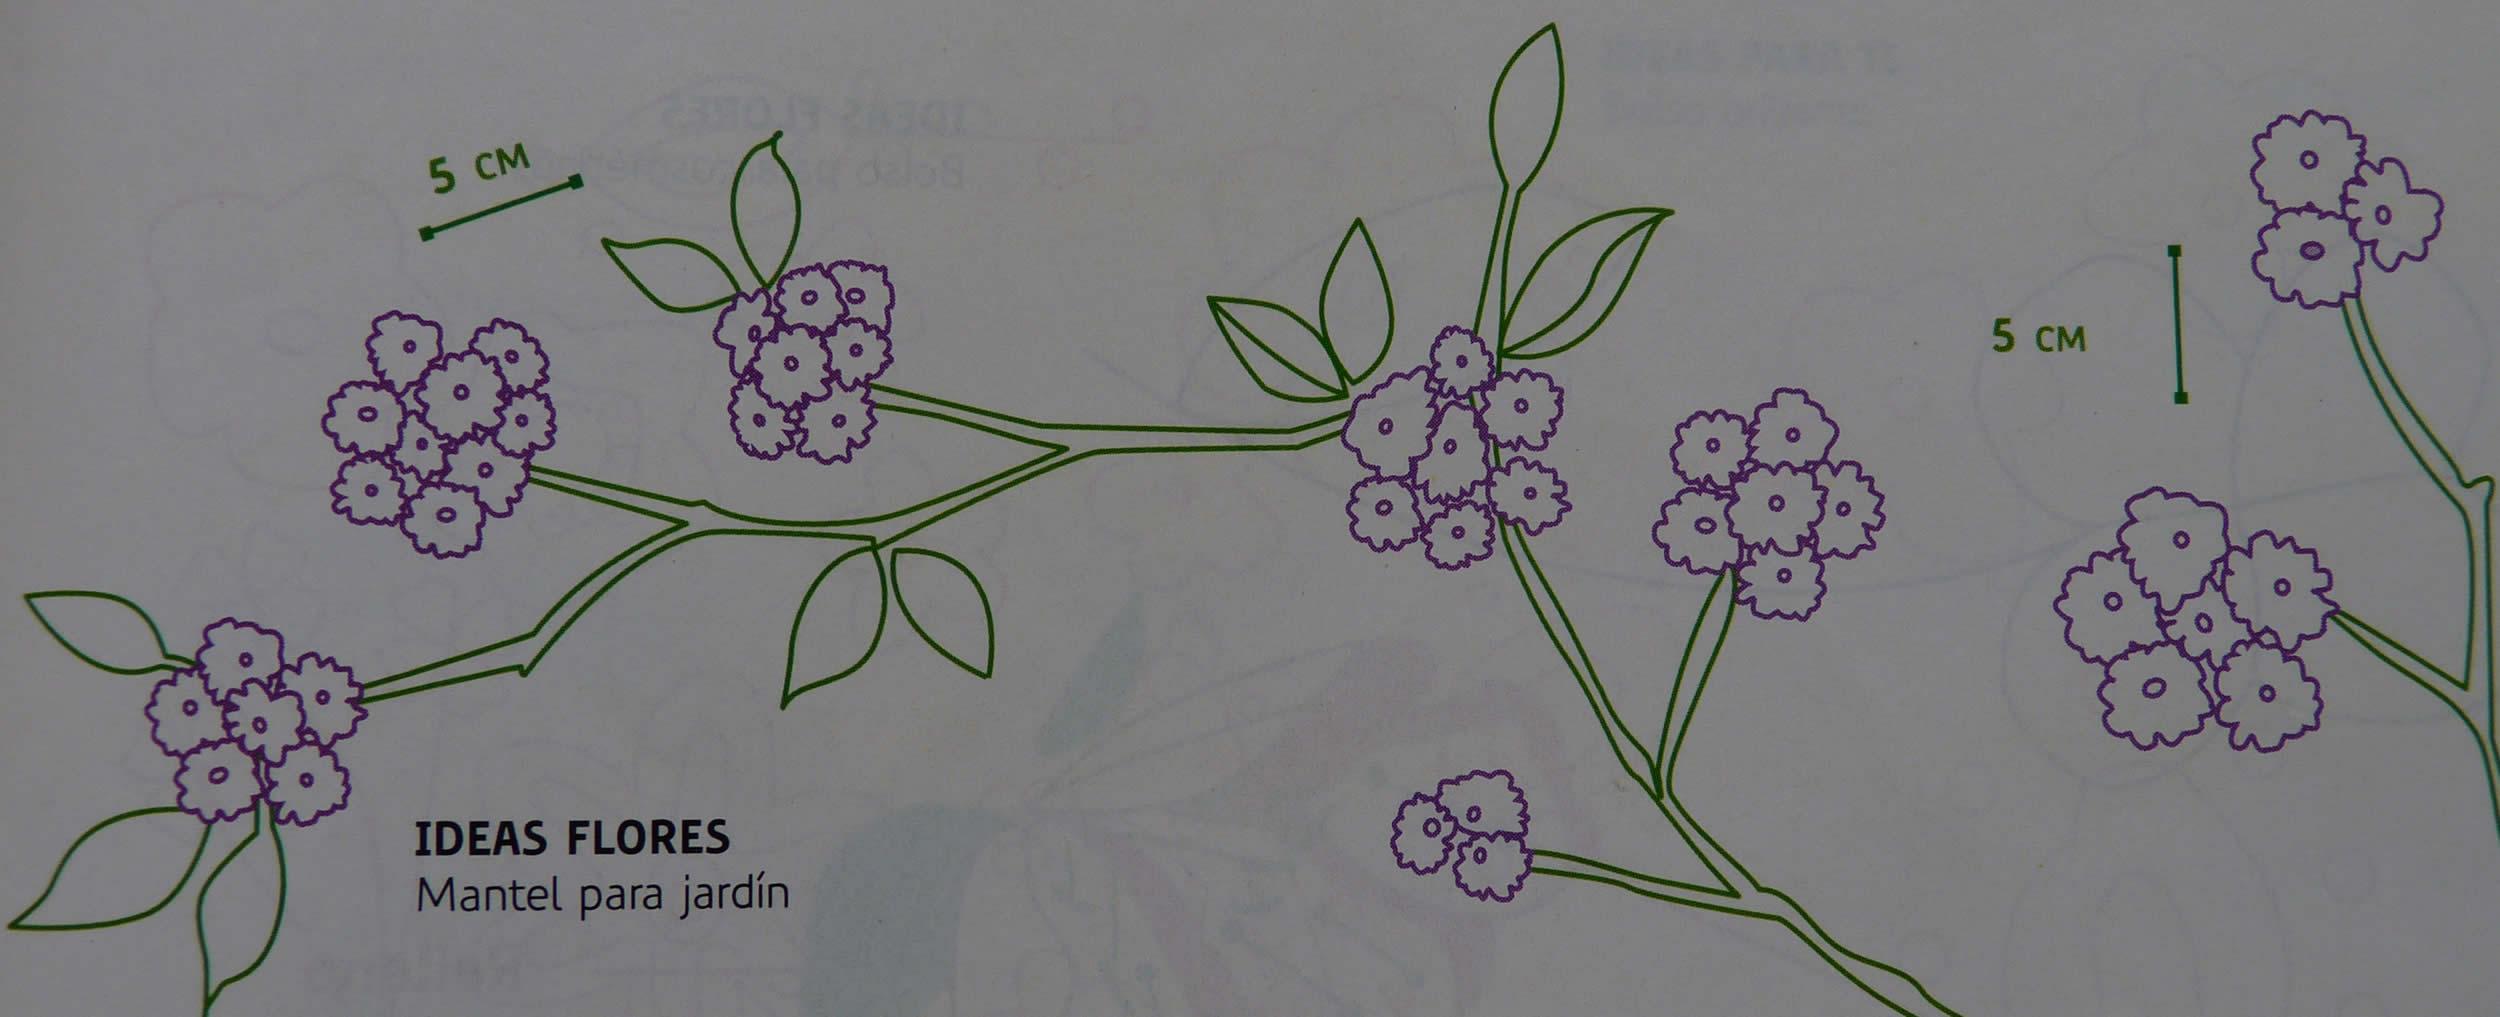 Un mantel pintado para la mesa de jardín Artículo Publicado el 25.02 ...